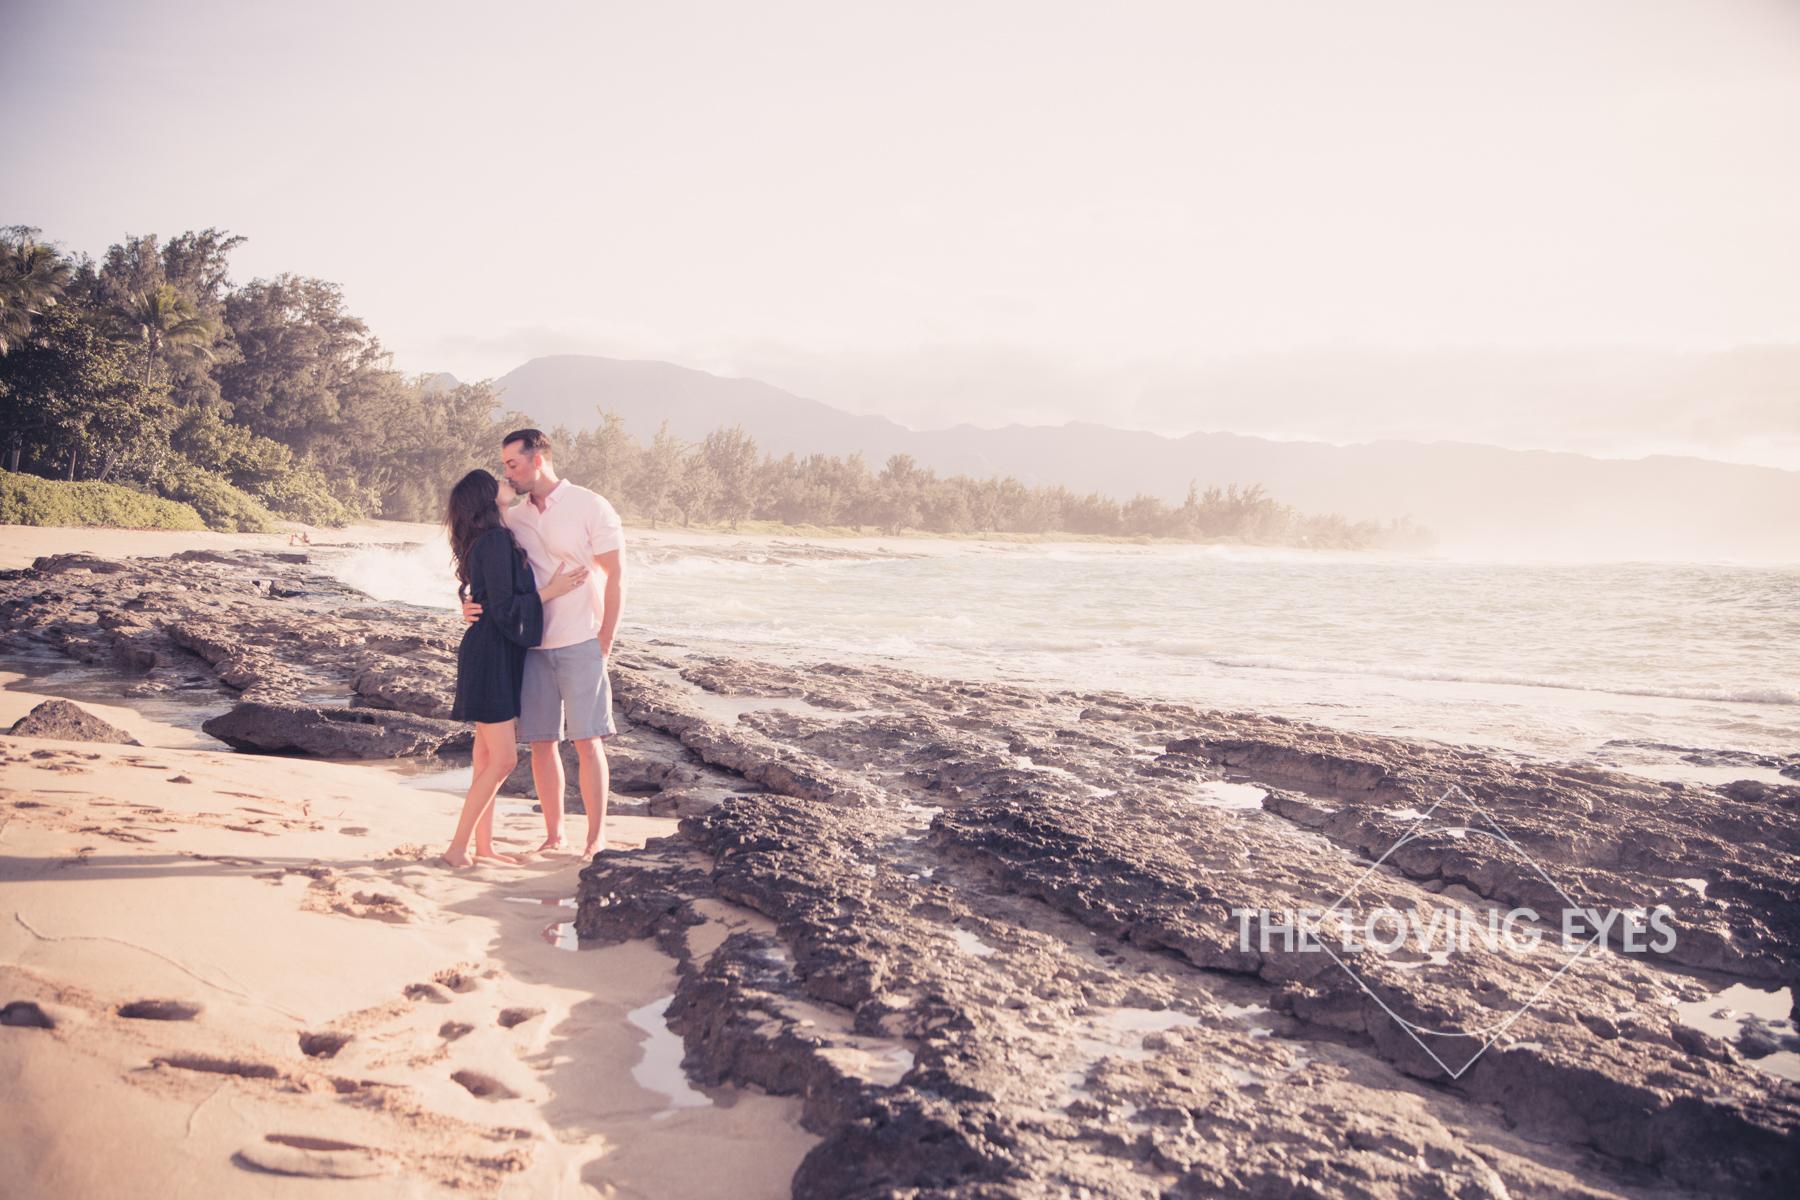 Hawaii engagement photos on the beach